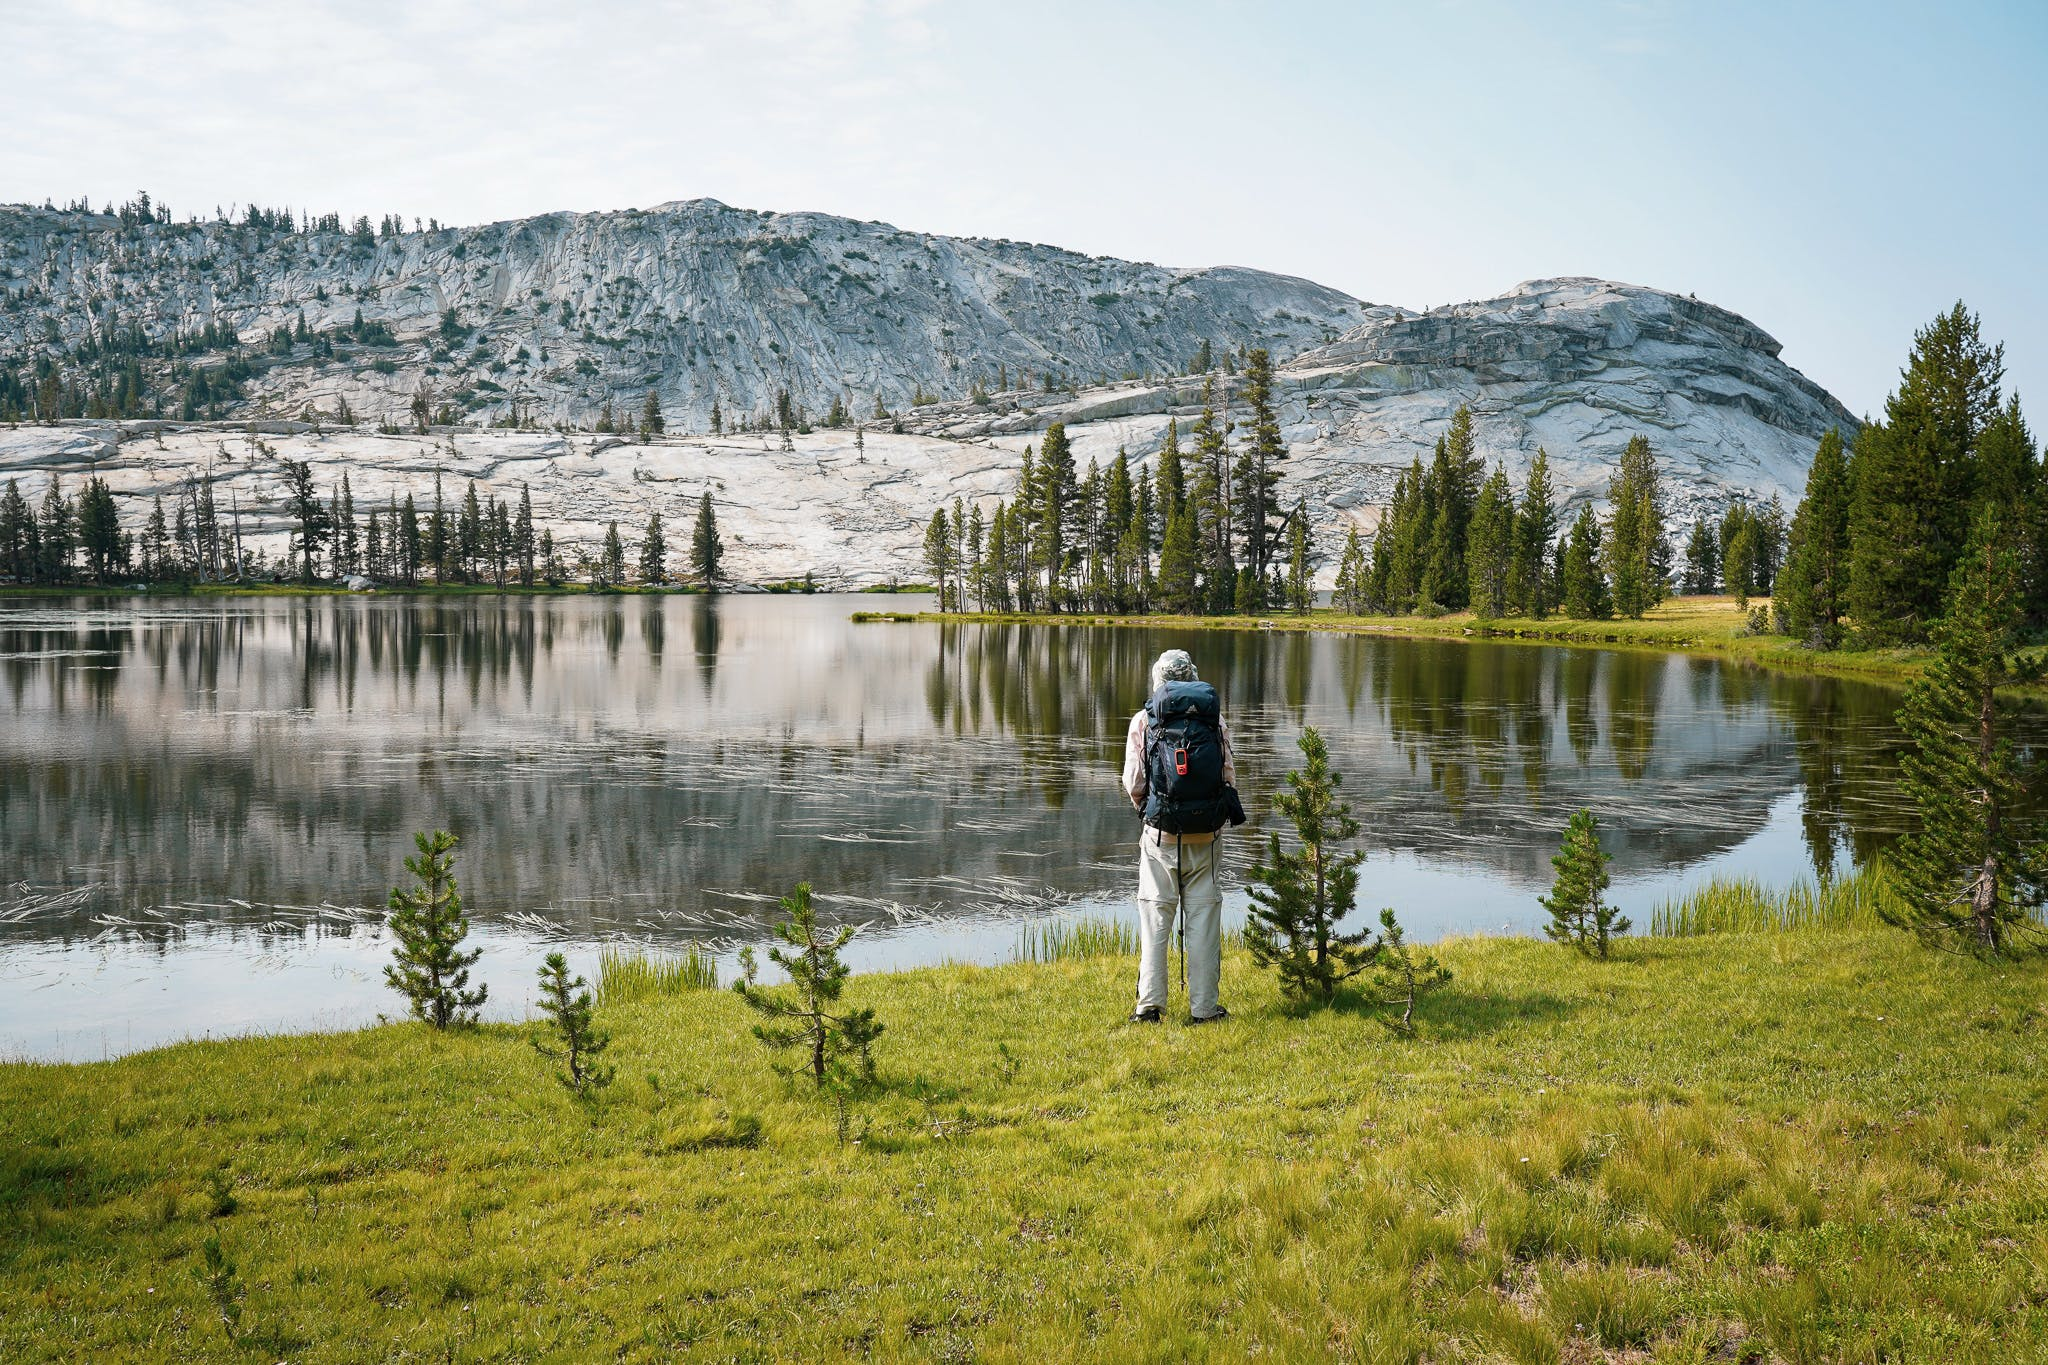 Backpacker at Emeric Lake in Yosemite High Sierra